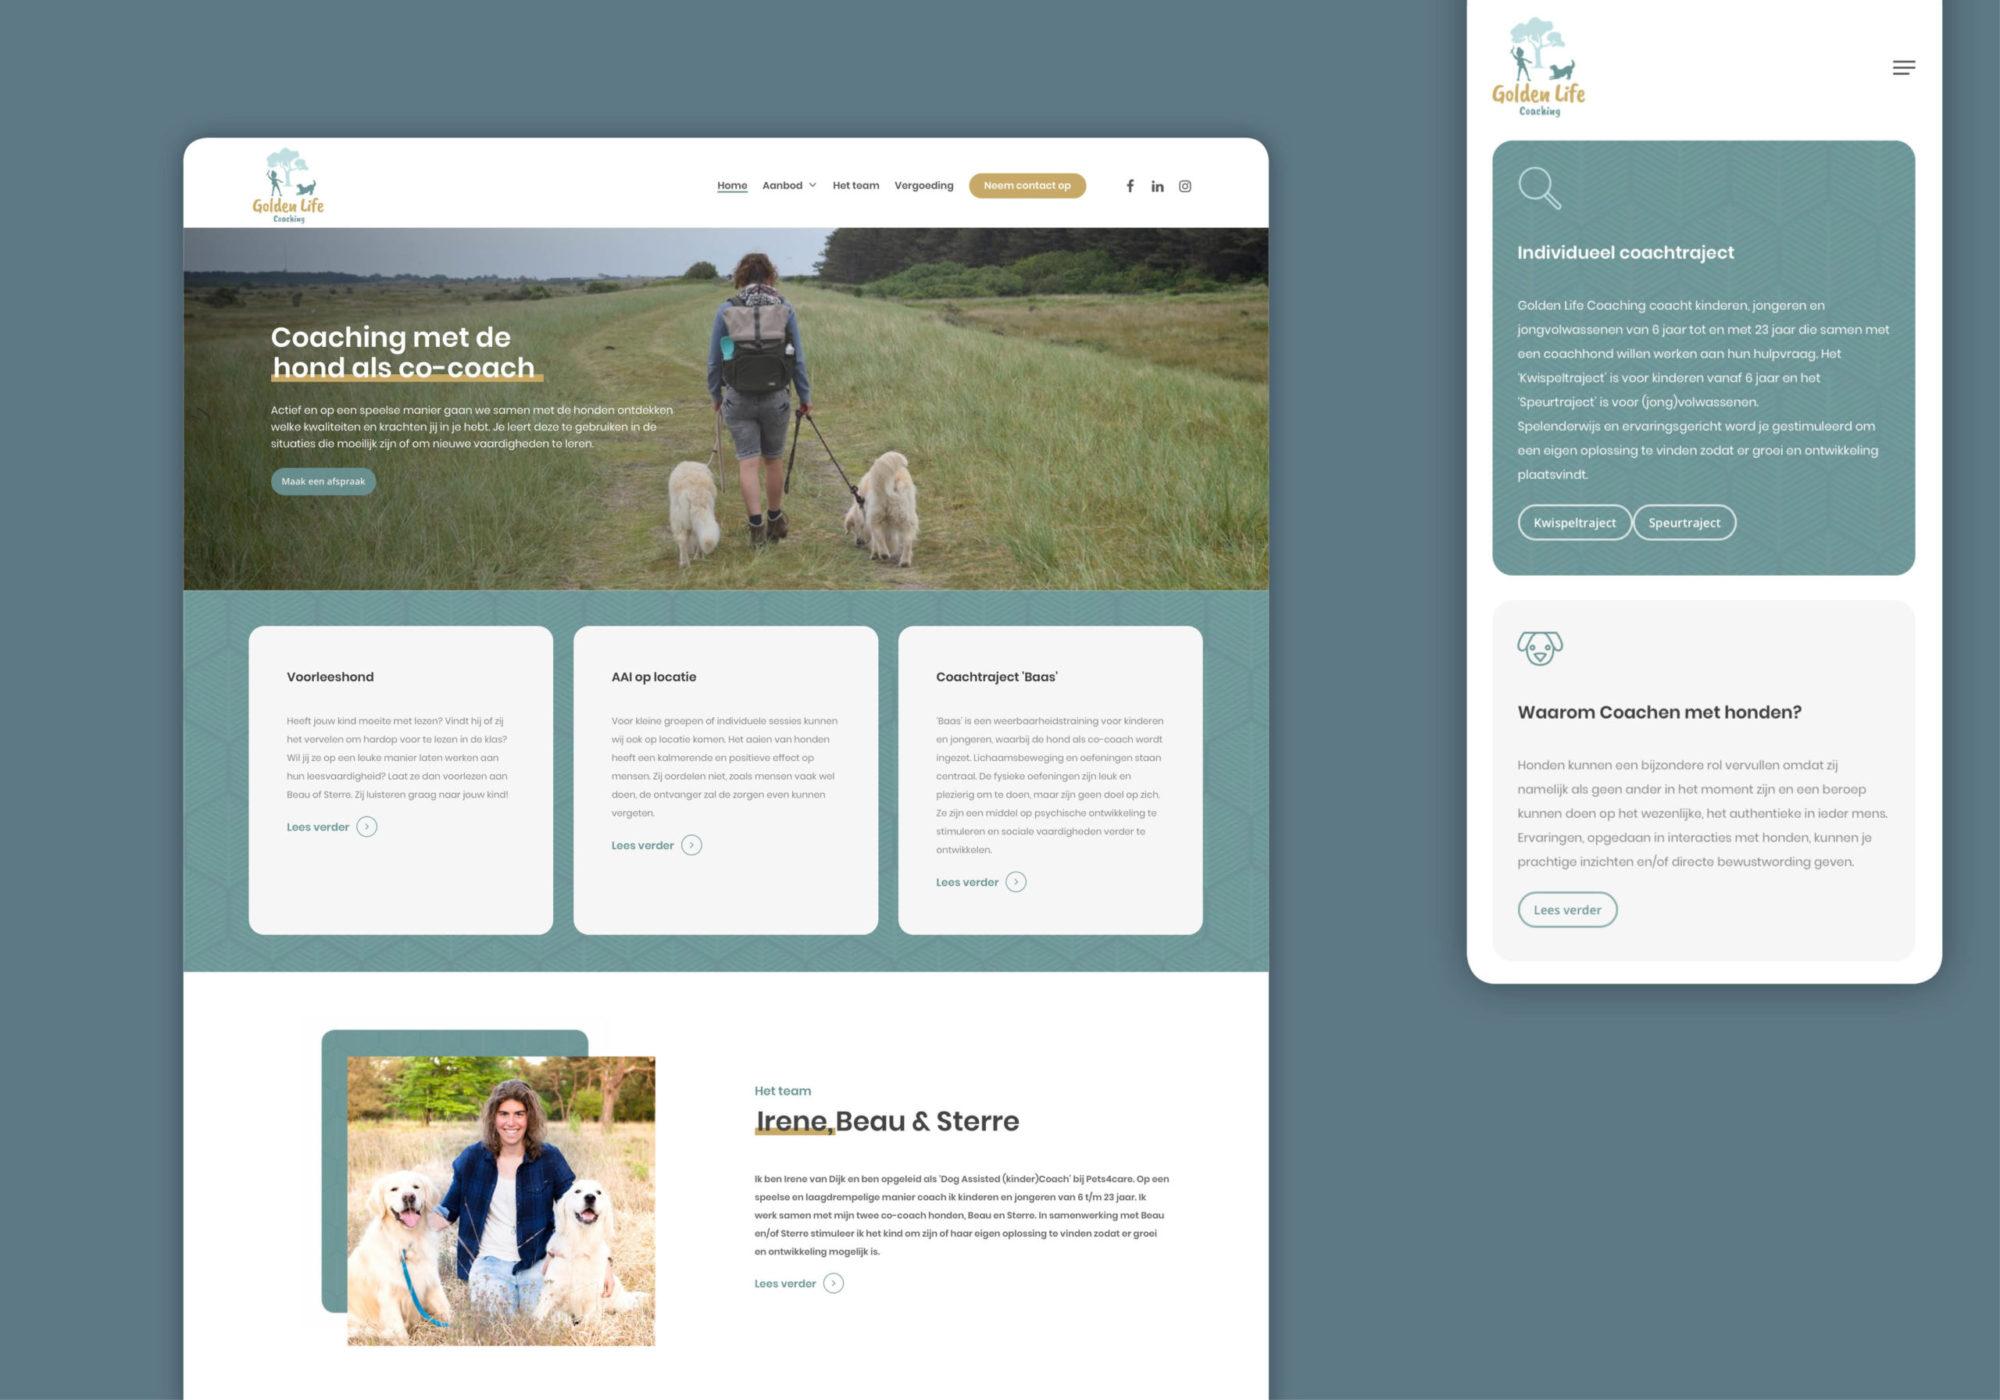 Huisstijl nieuwe website ontwerp Golden Life coaching Groningen